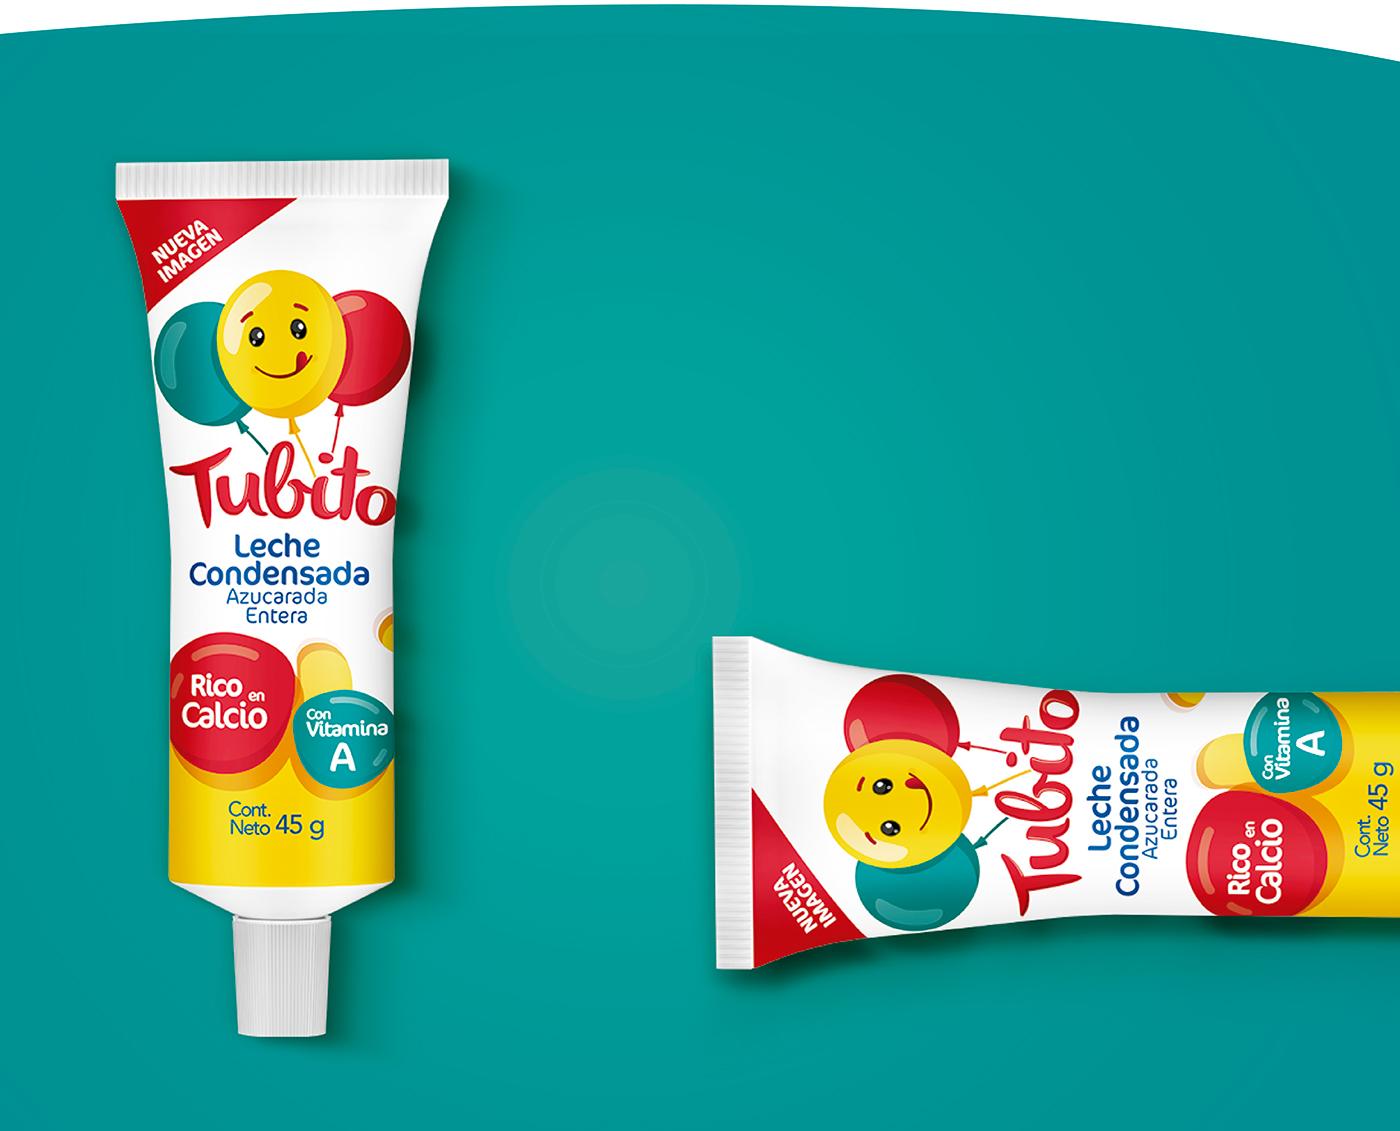 modeling 3D packing model tubito Rhinoceros Cinema